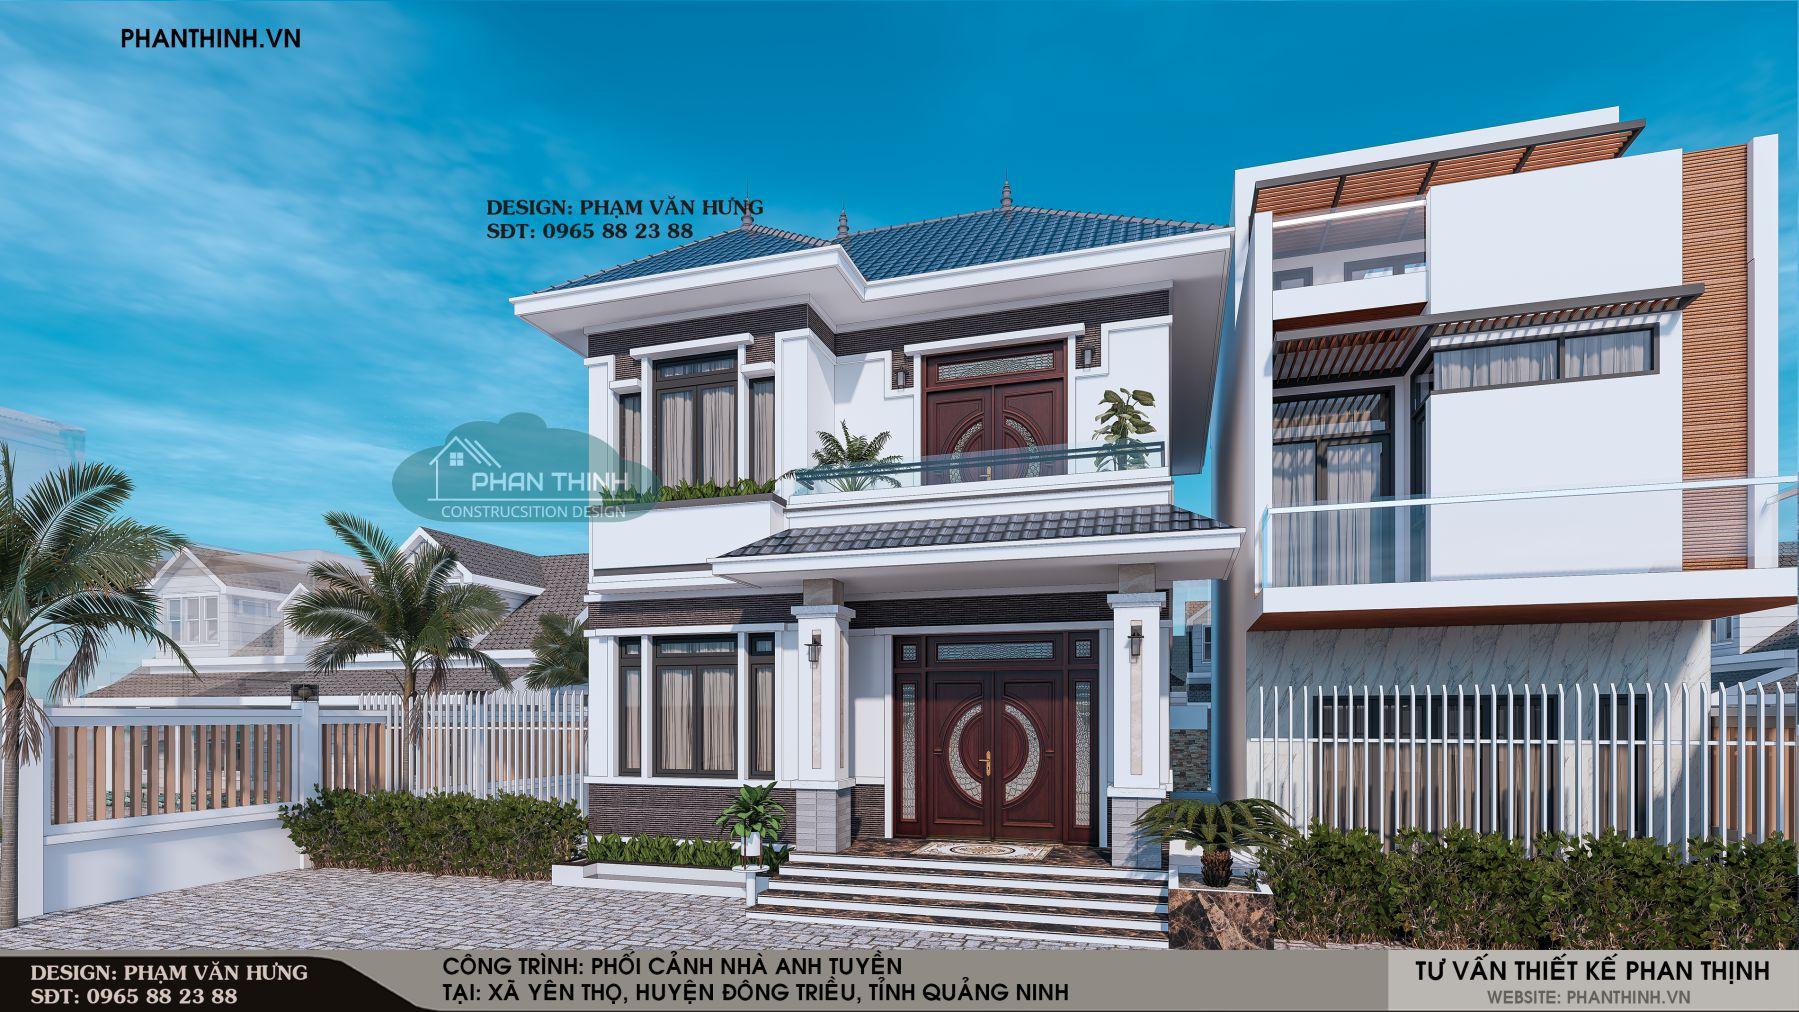 Mặt tiền thiết kế biệt thự 2 tầng đẹp tại Quảng Ninh